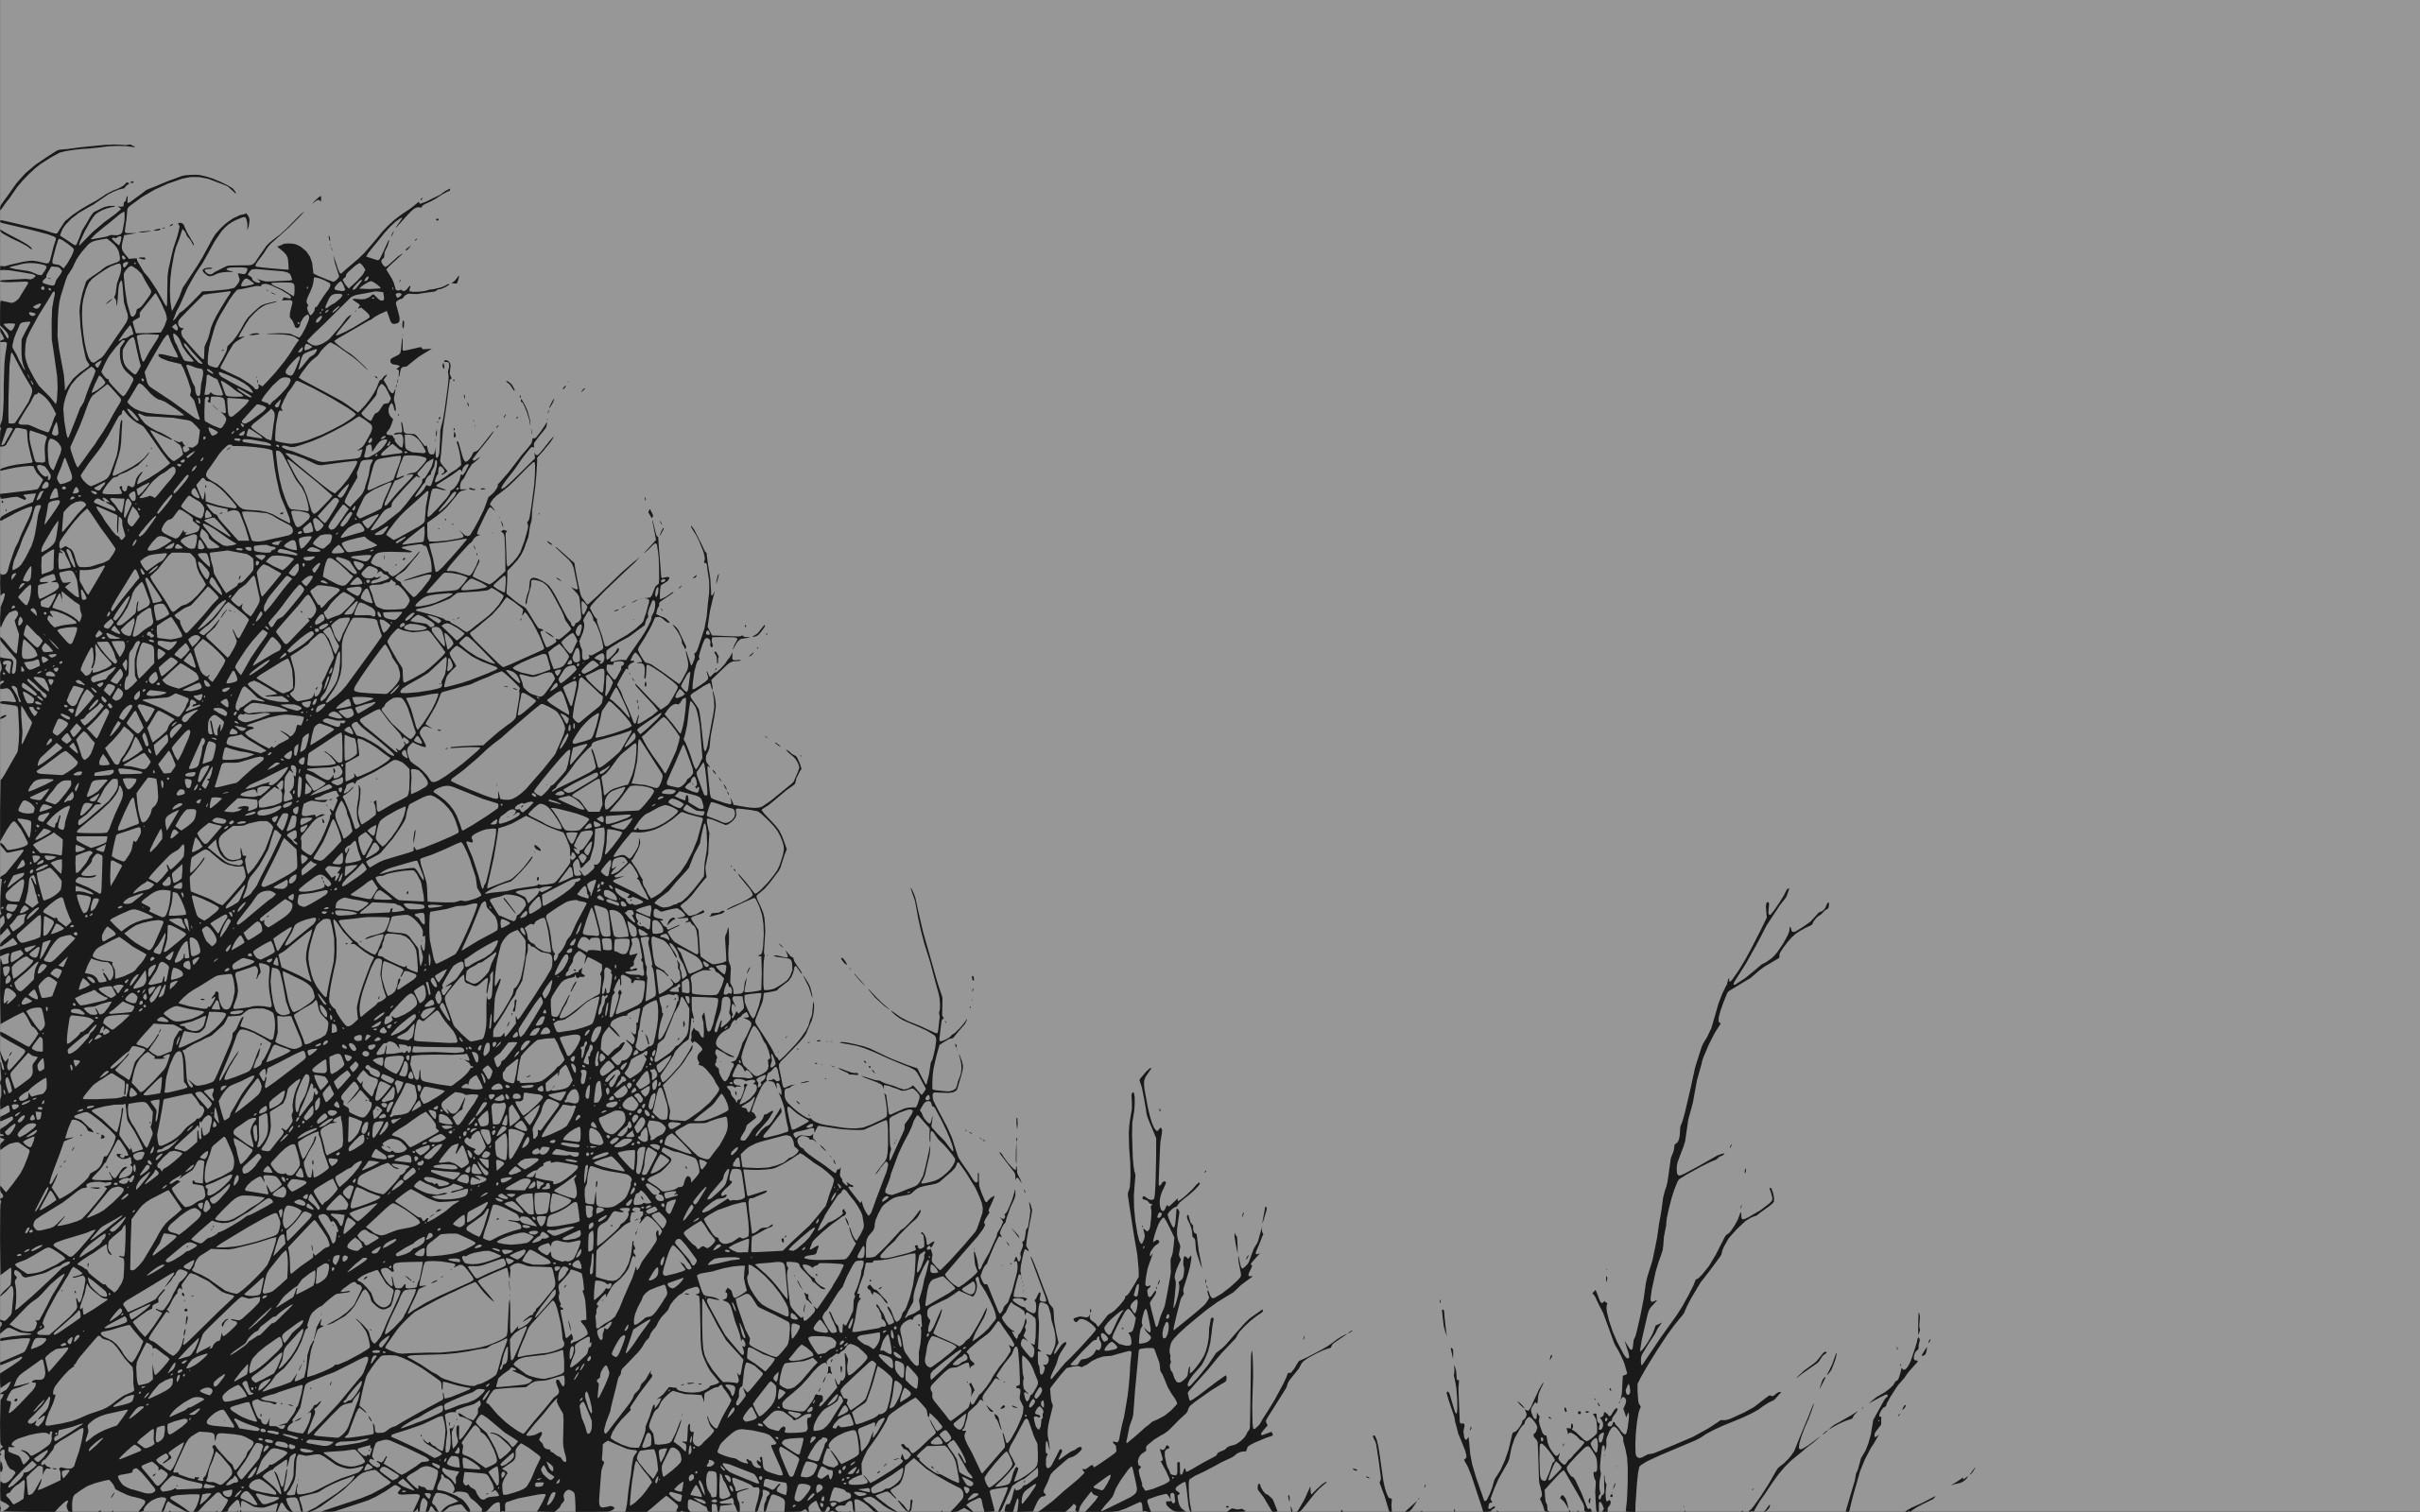 صور خلفيات رماديه , اجمل خلفيات باللون الرمادي